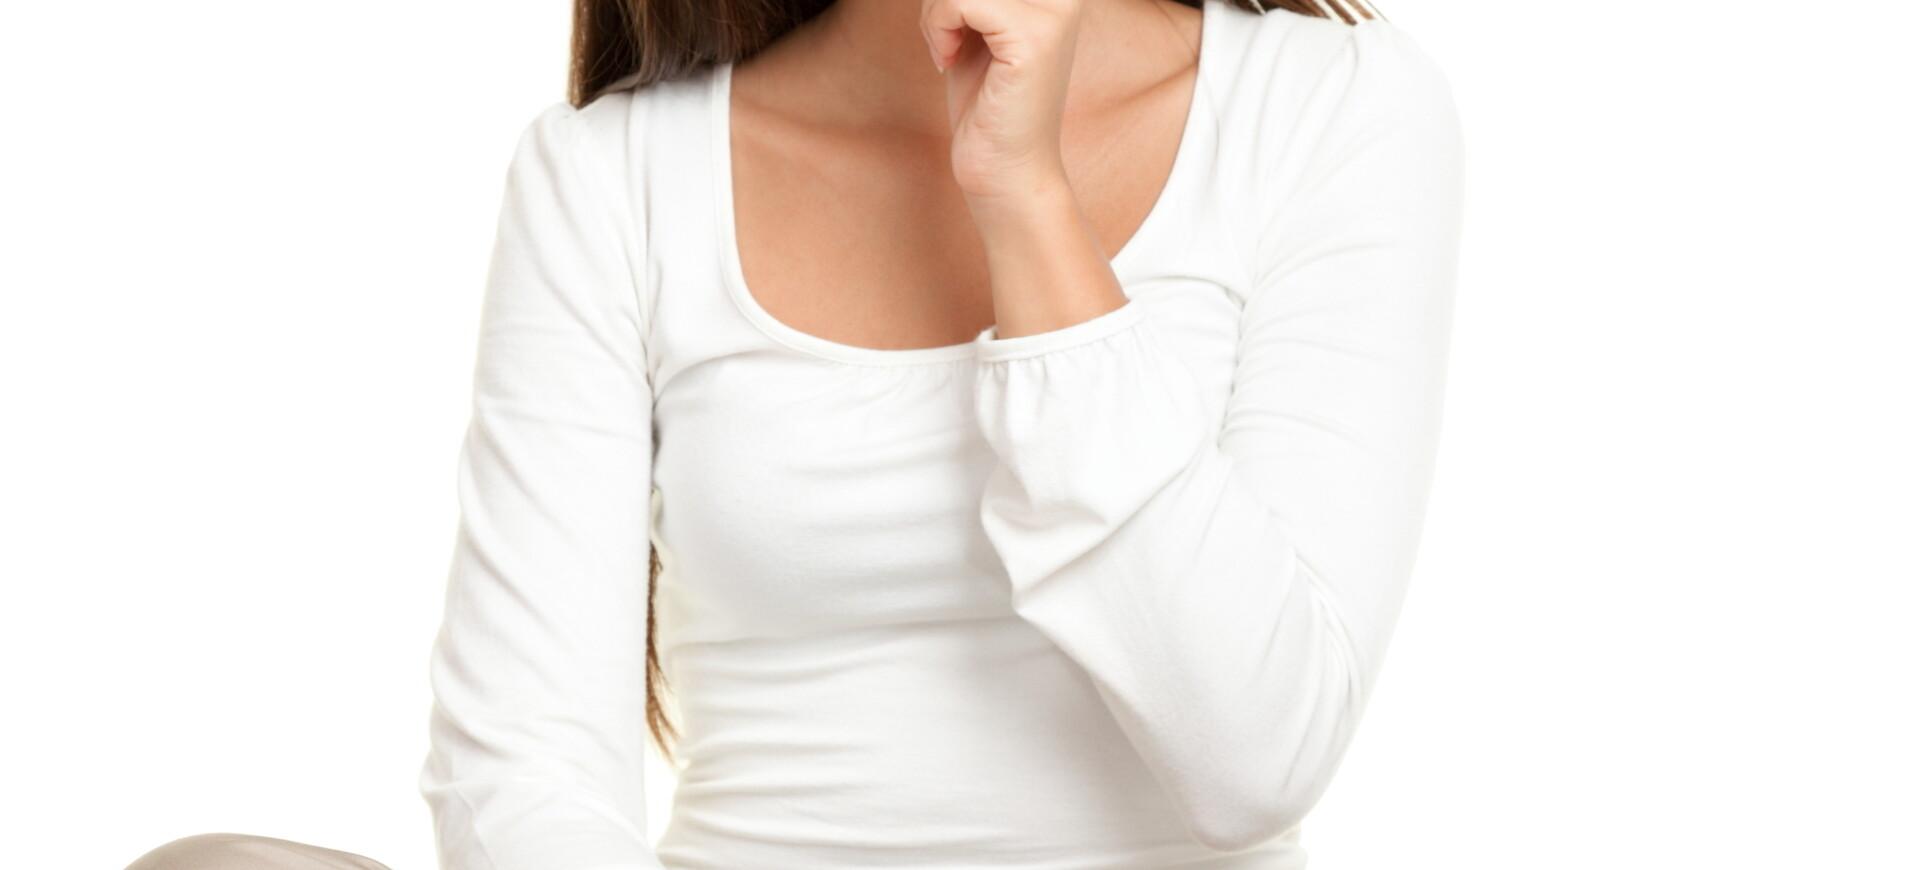 Ce metodă contraceptivă folosești în mod uzual?